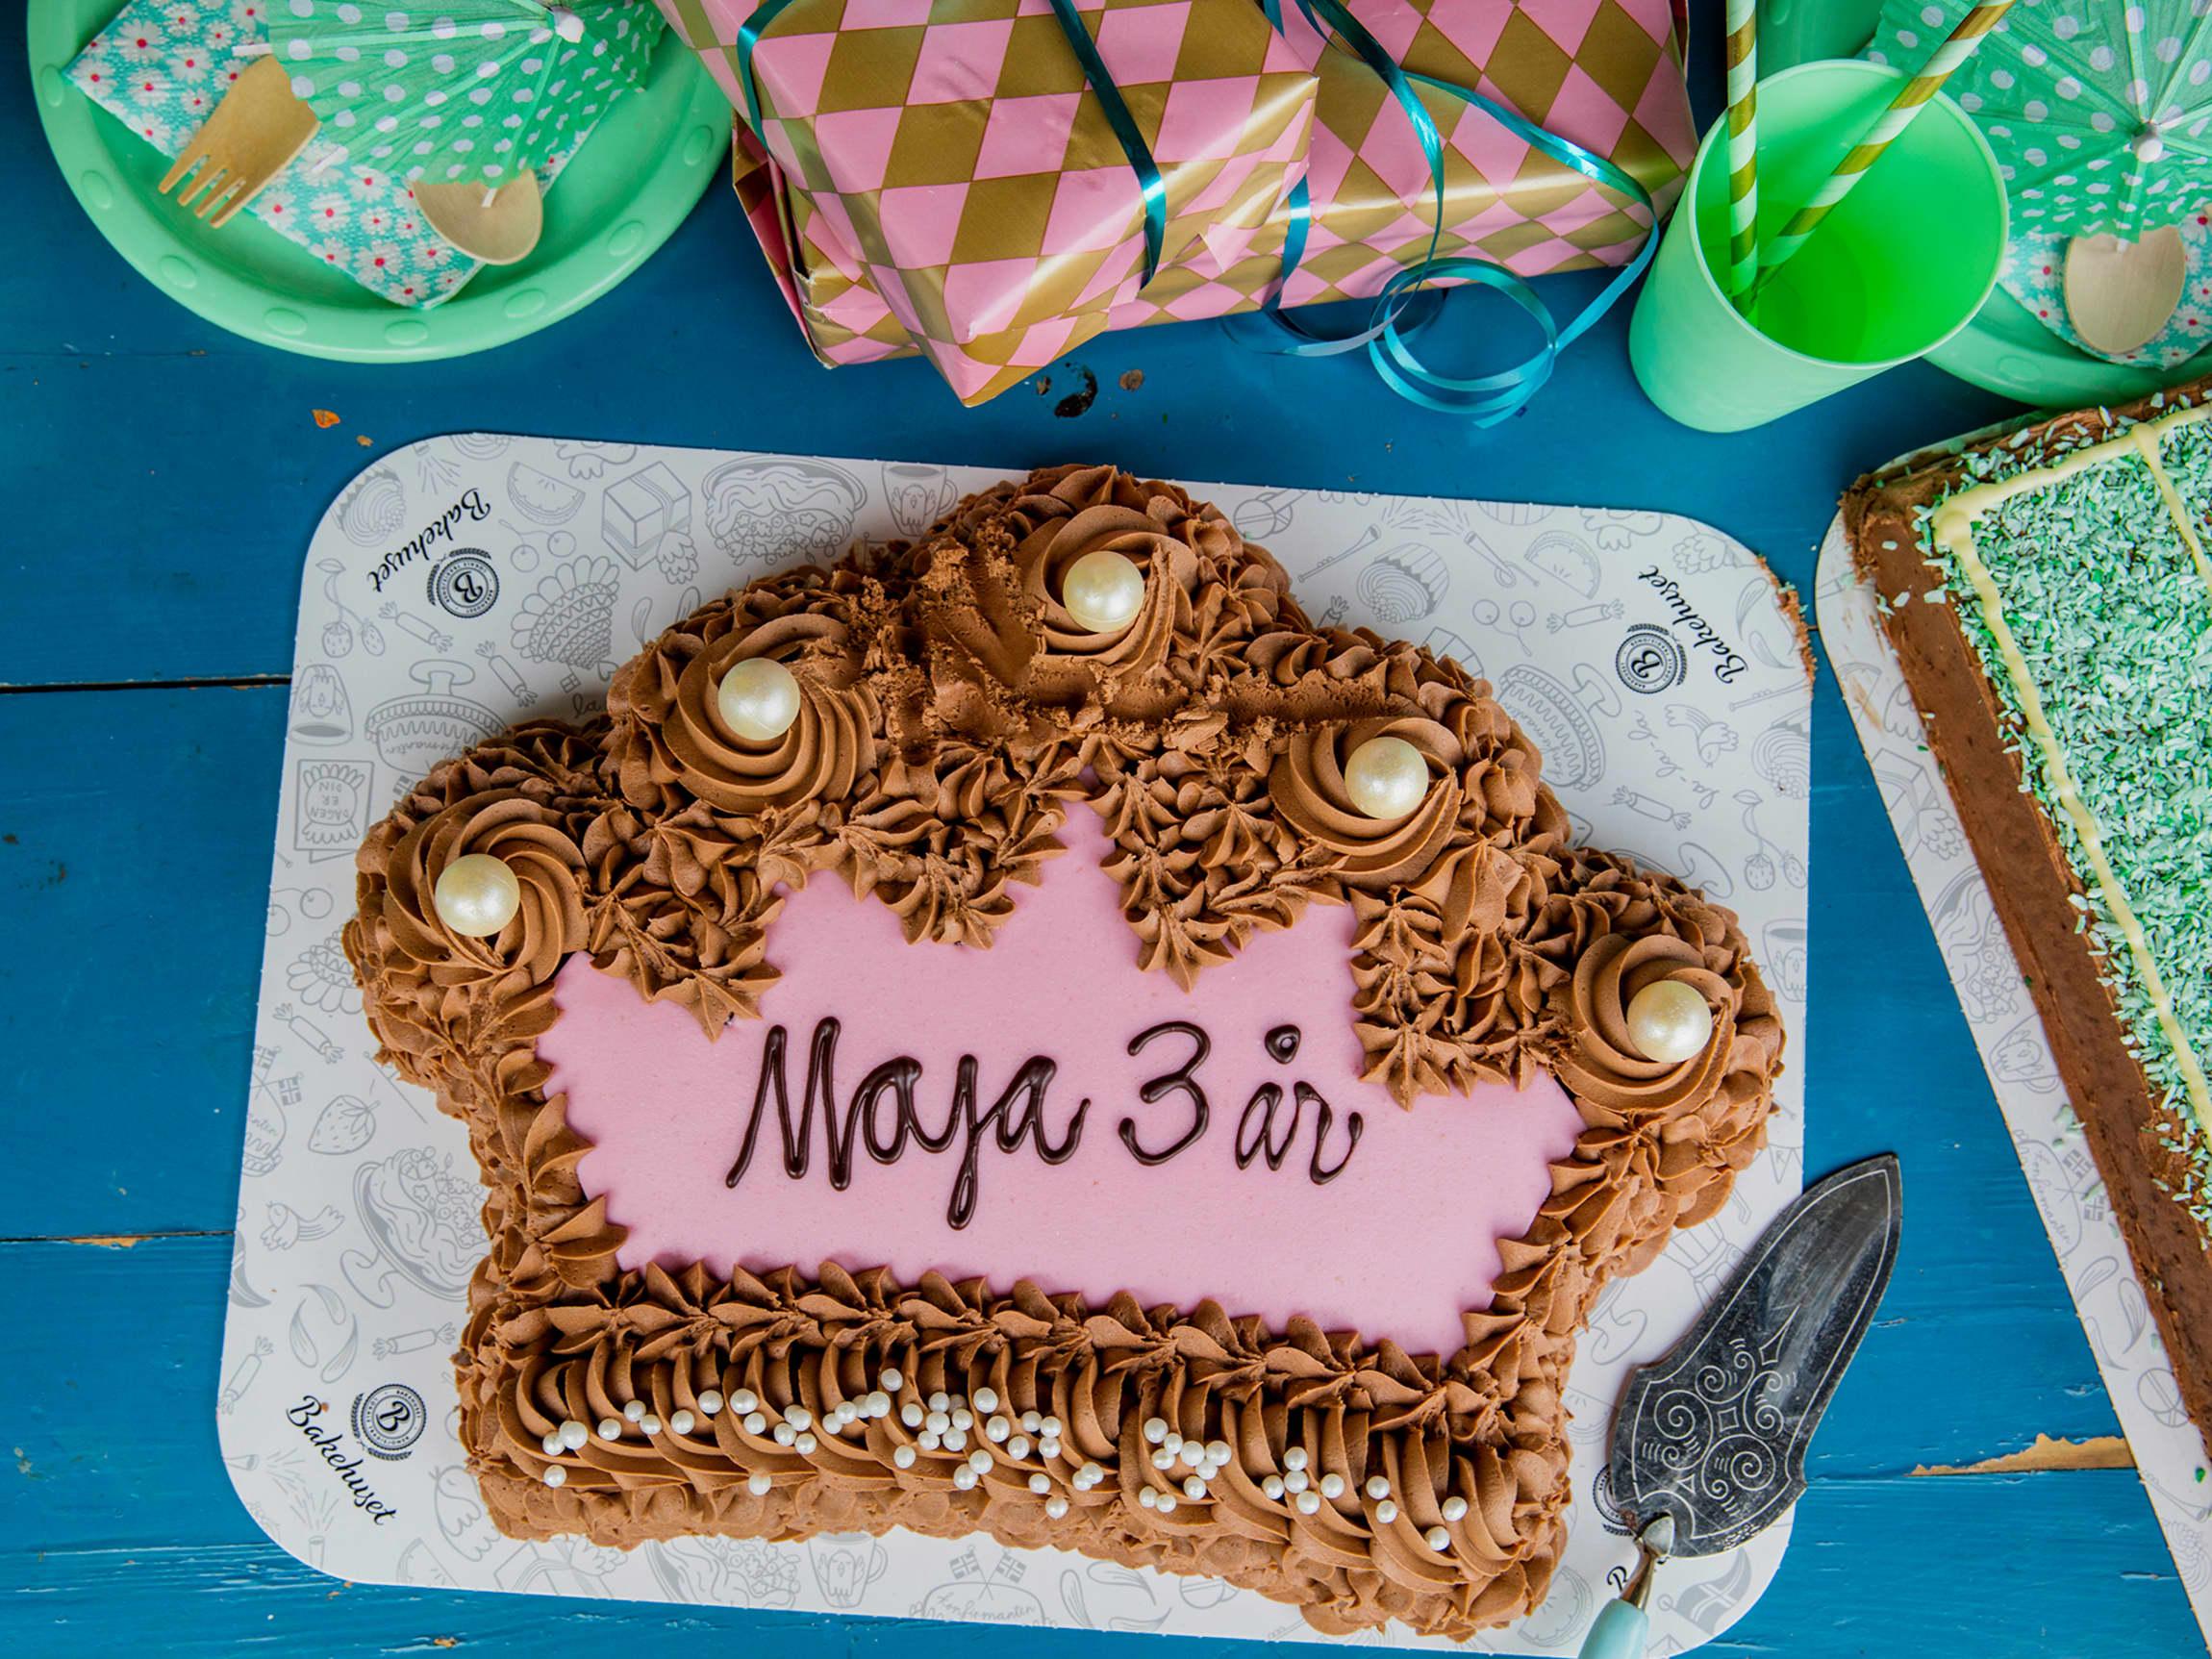 Ikke tid til å bake? Du kan bestille spesialsydd kake til barnebursdagen eller andre anledninger på nett og hente i din lokale MENY-butikk!